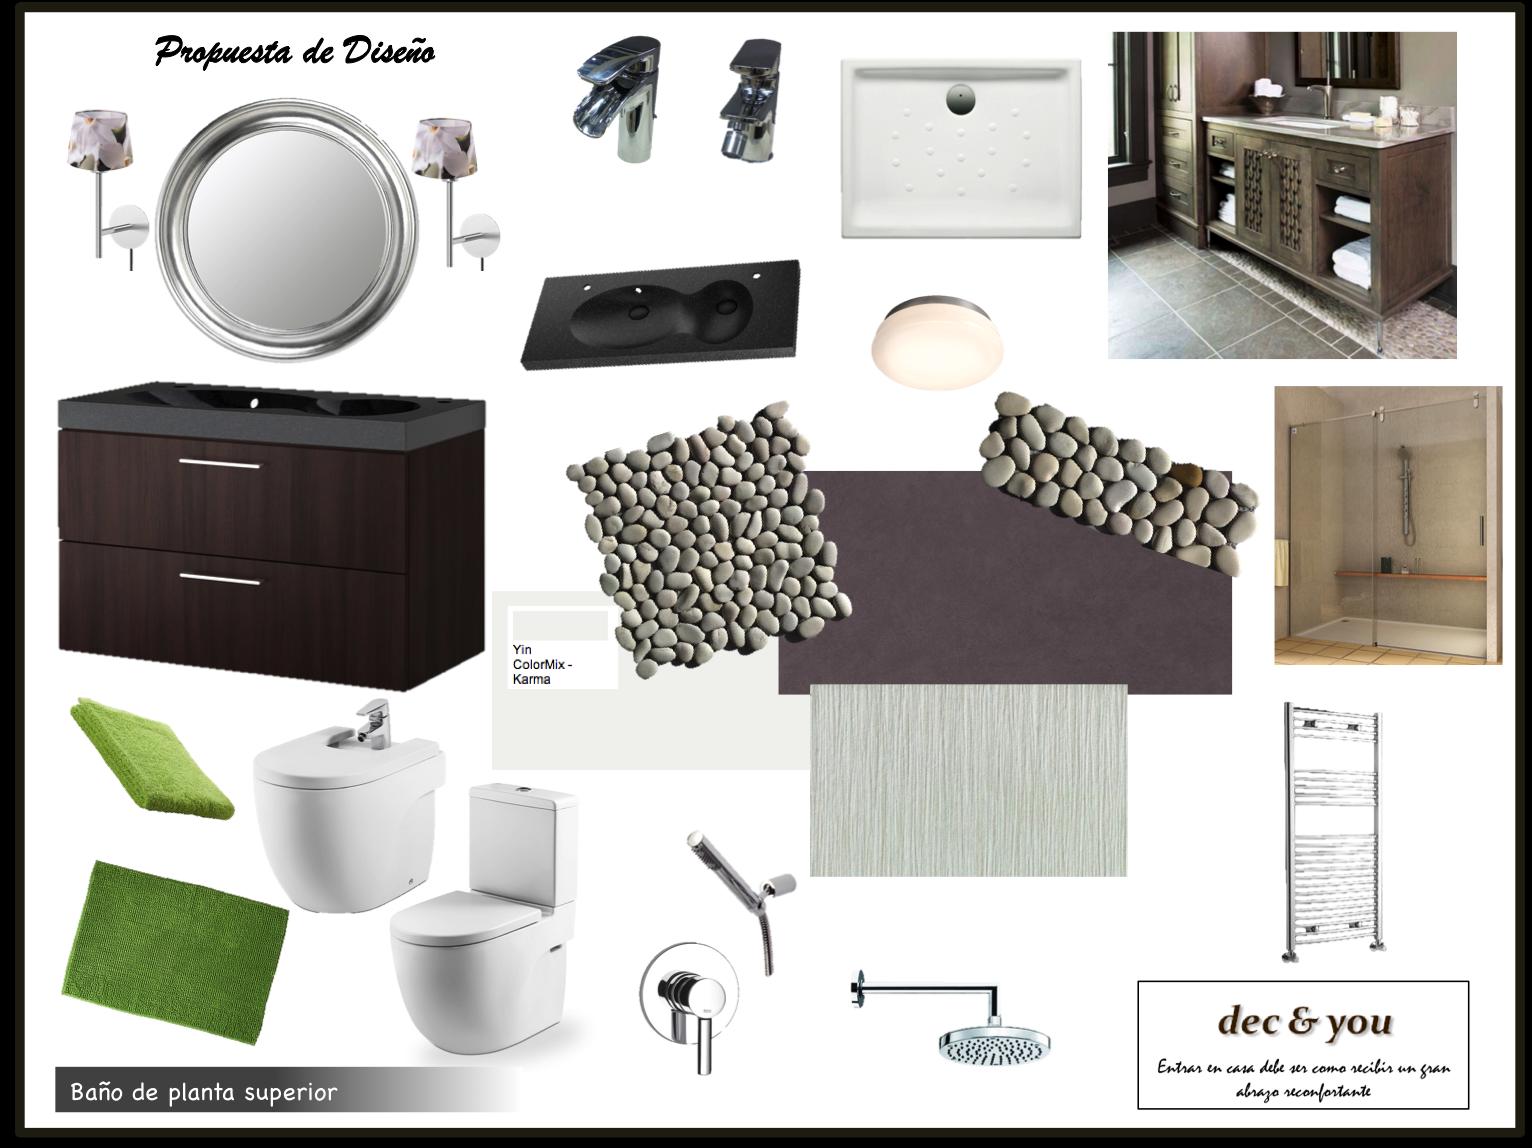 Muebles De Baño En Planta Arquitectonica:Decandyou Ideas de decoración y mobiliario para el hogar, estilos y